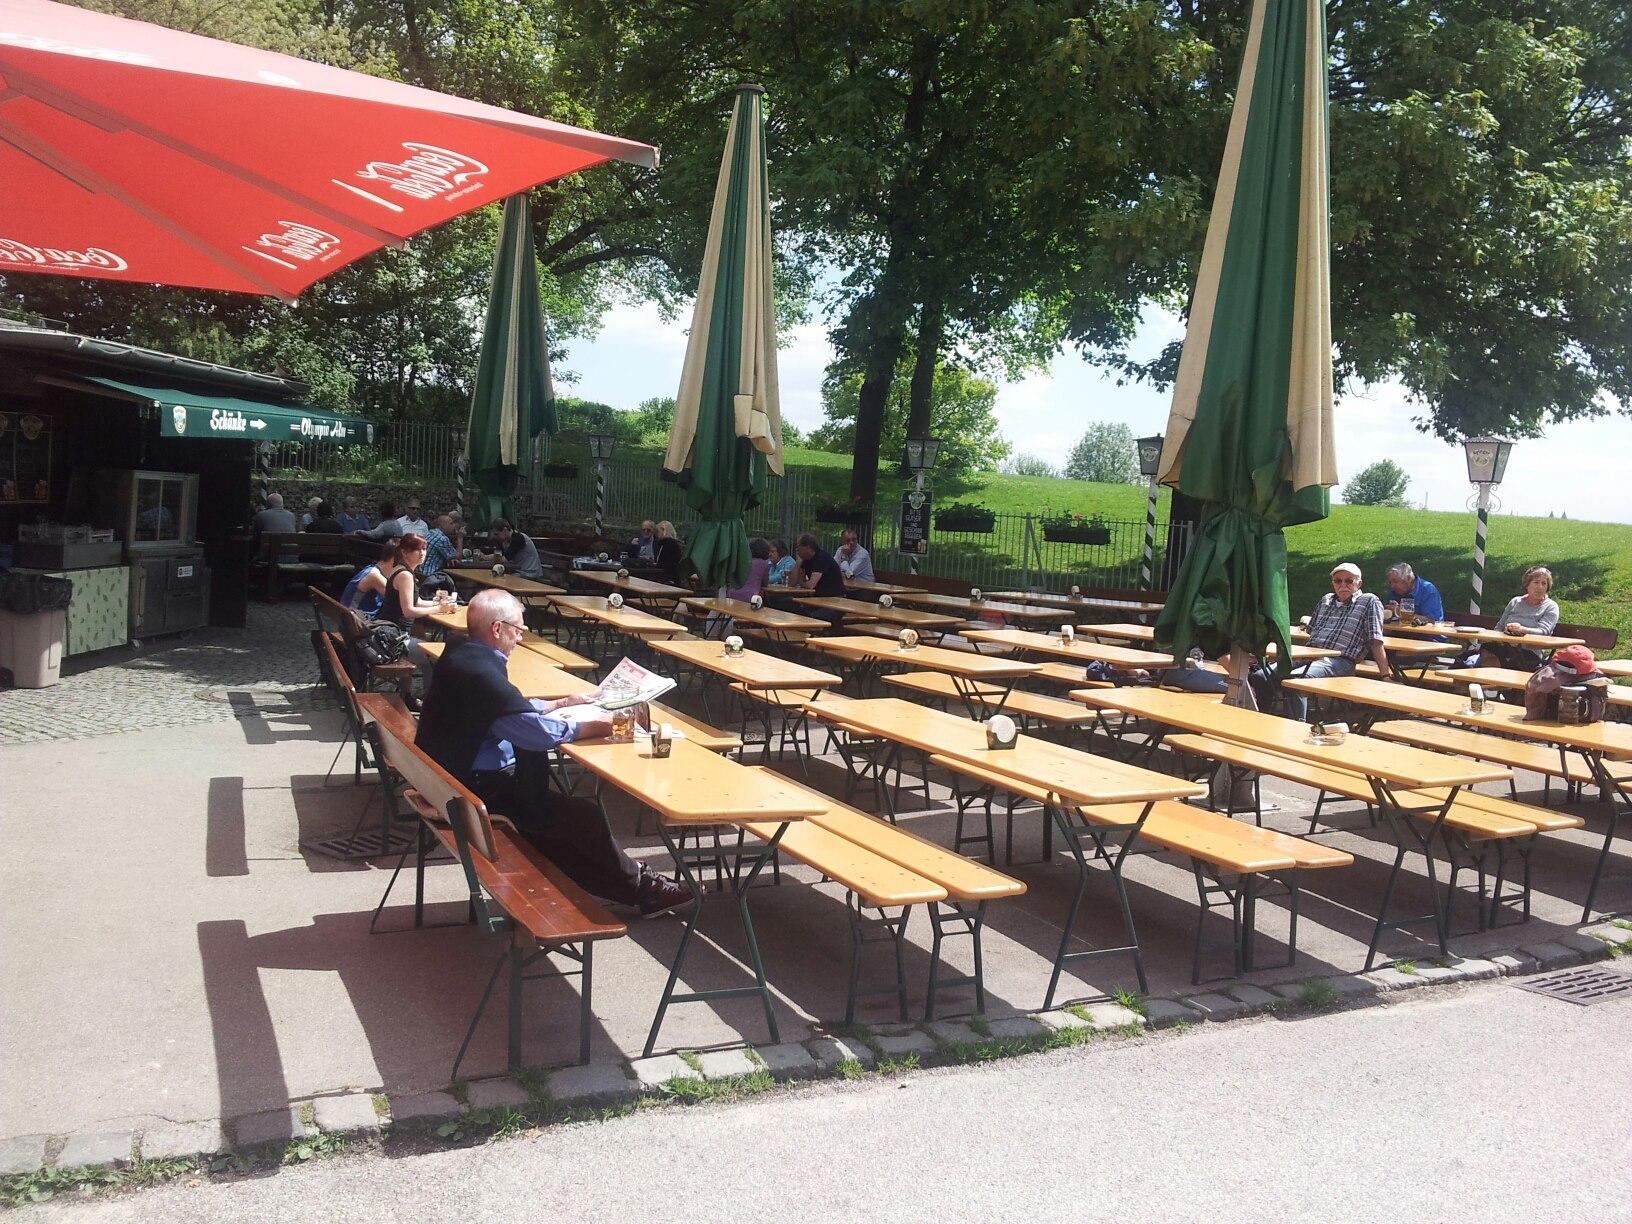 Biergarten O,lympia Alm im Oylmpia Park